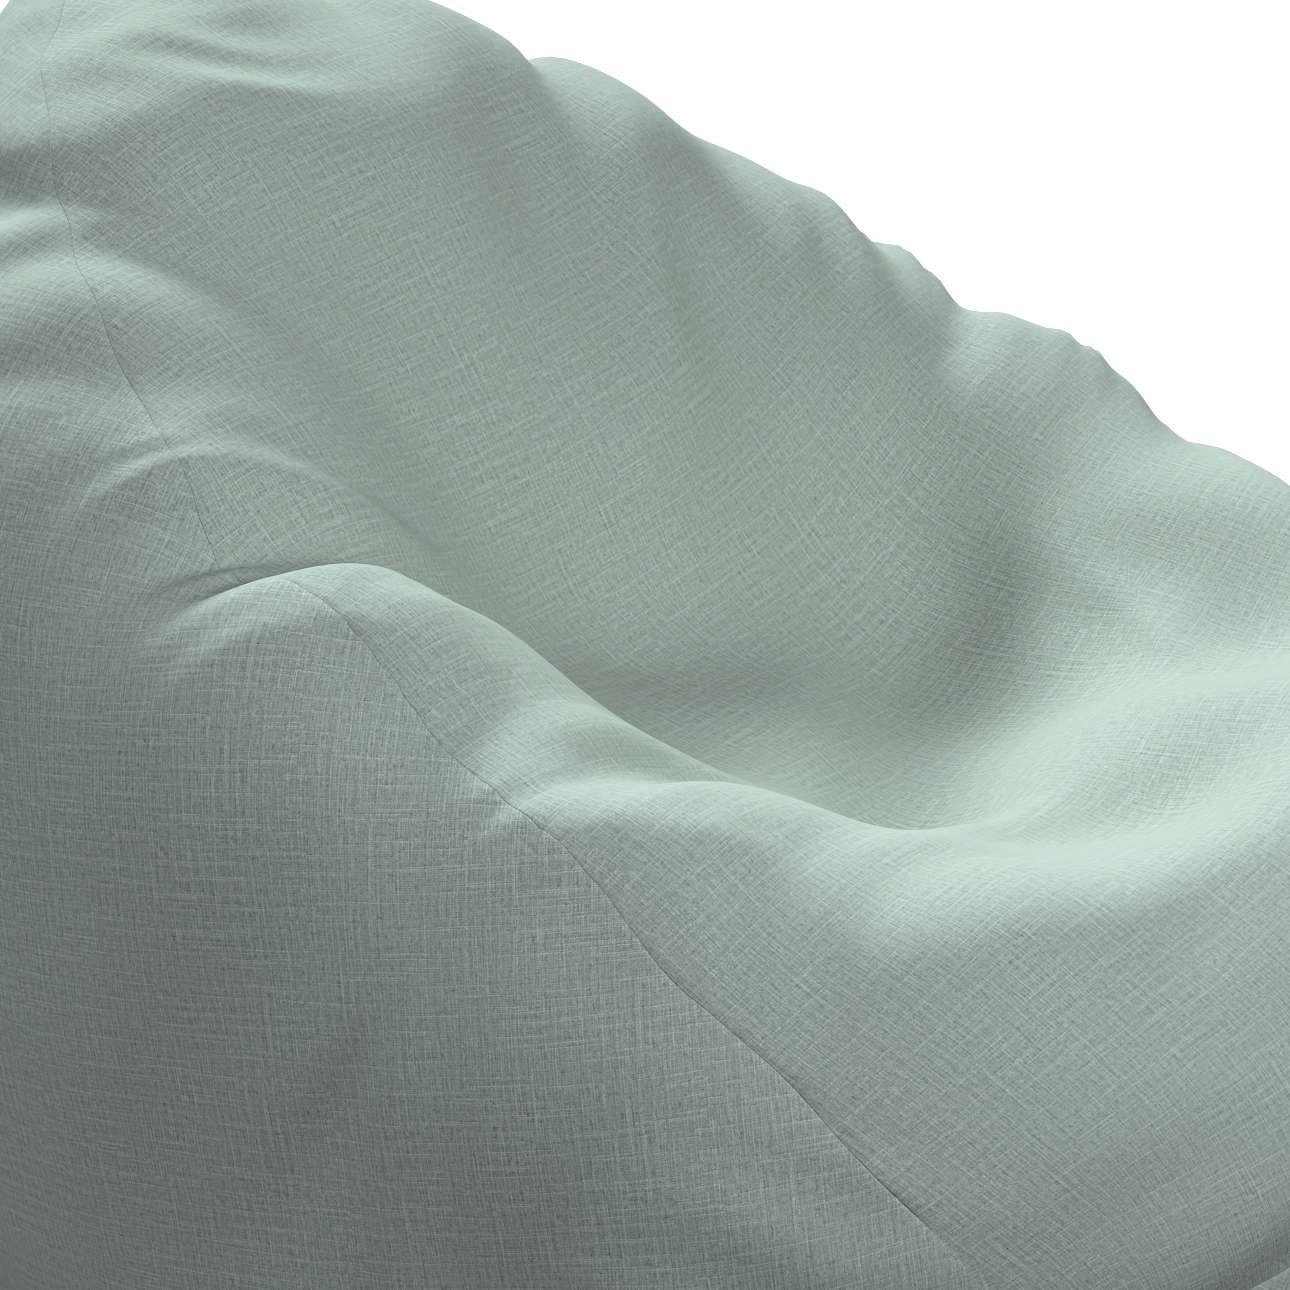 Pokrowiec na worek do siedzenia w kolekcji Living, tkanina: 160-86